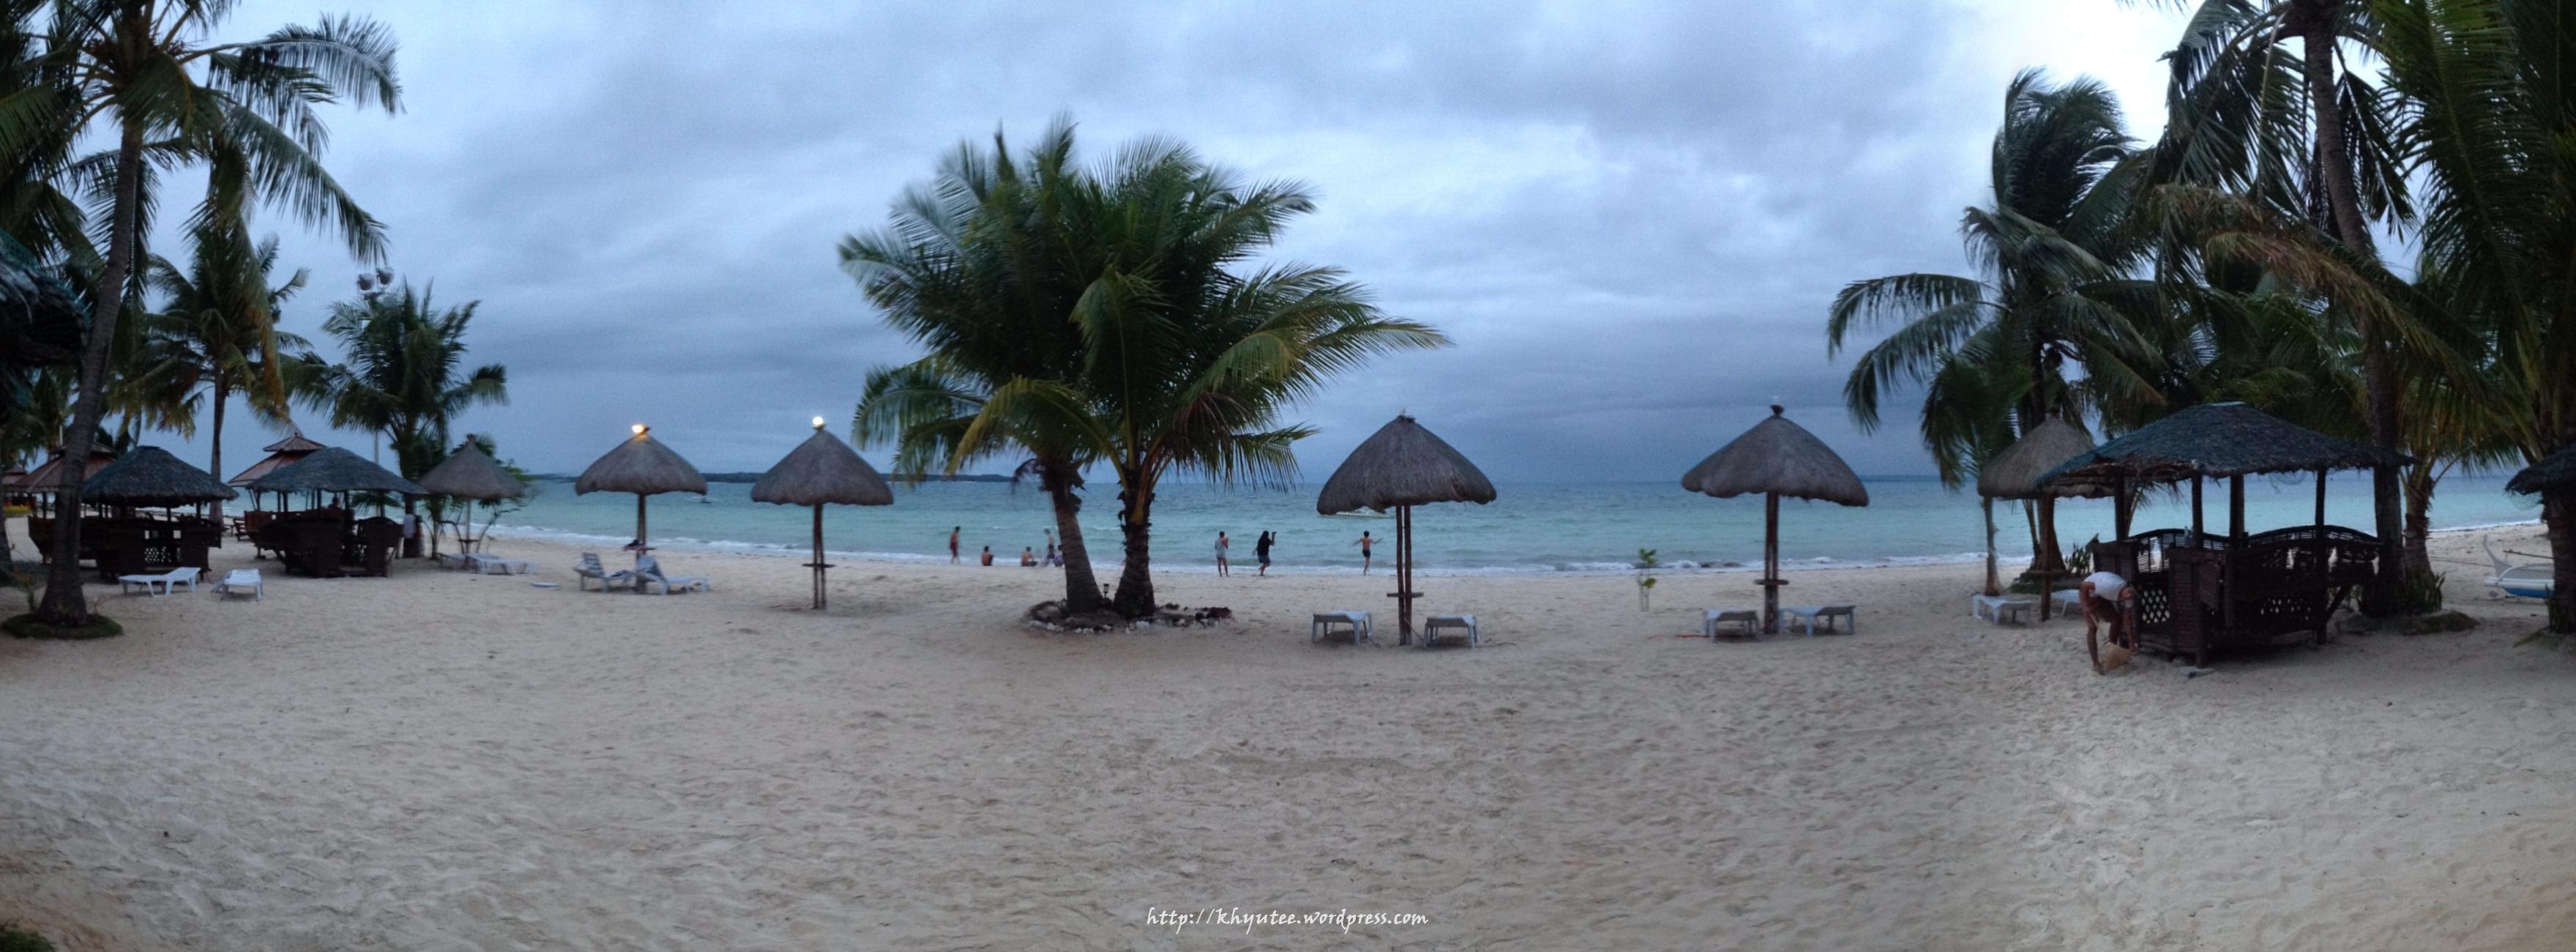 Resort Review Beach Placid Resort Bantayan Island Cebu